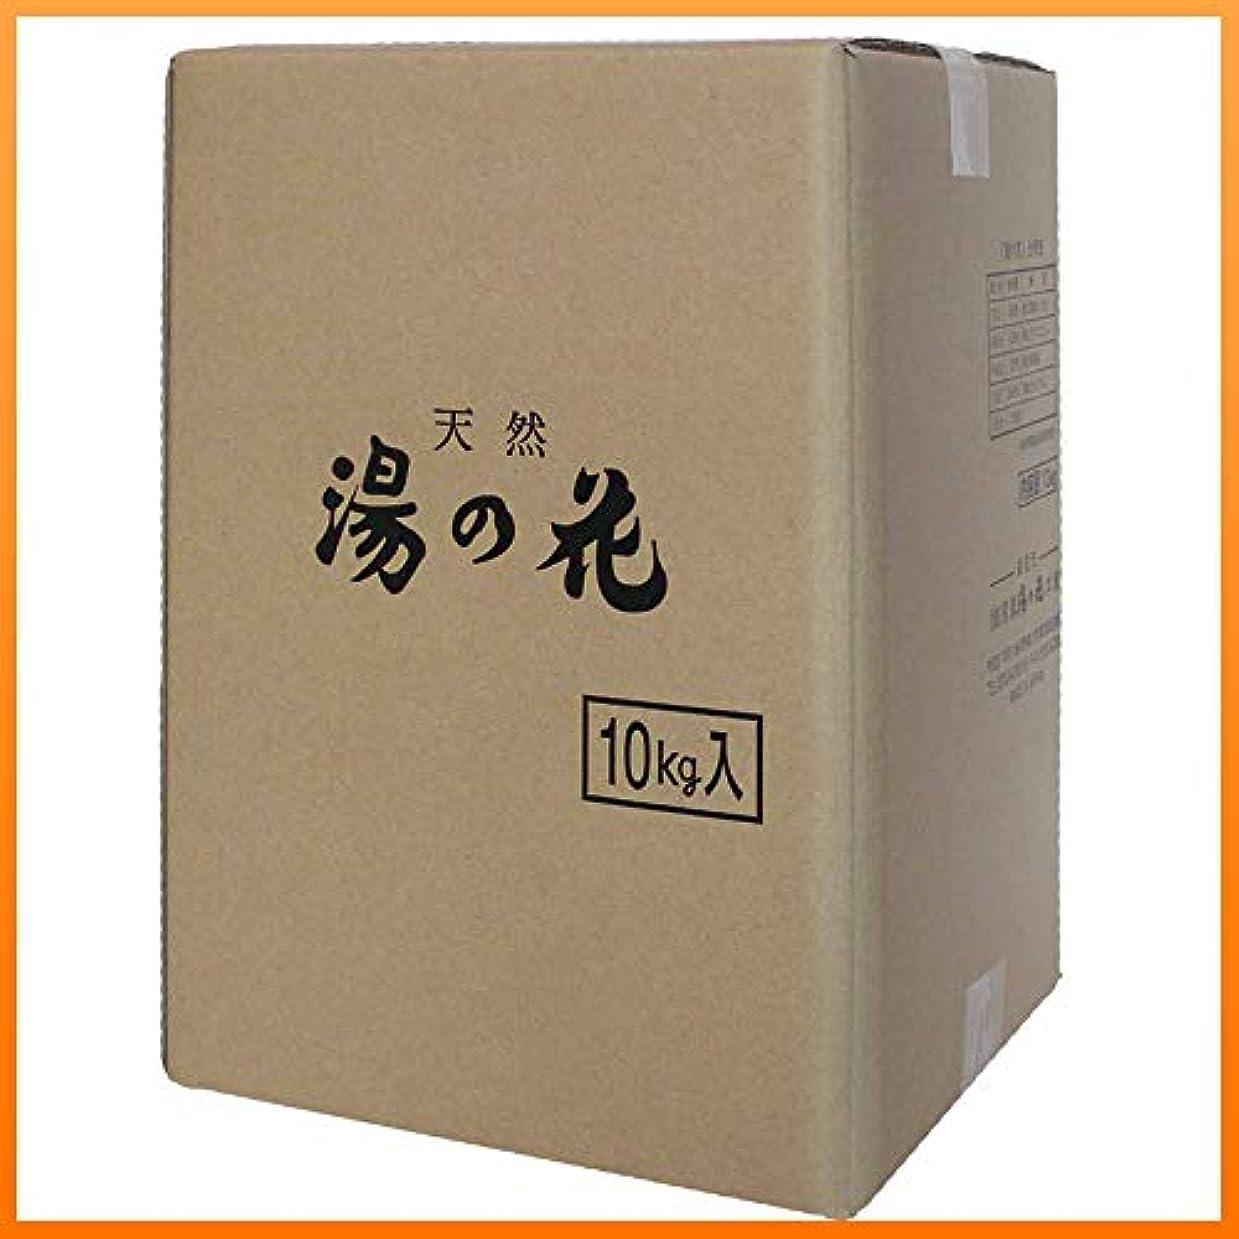 ブラシチーフ不屈天然湯の花 (業務用) 10kg (飛騨高山温泉郷 にごり湯)